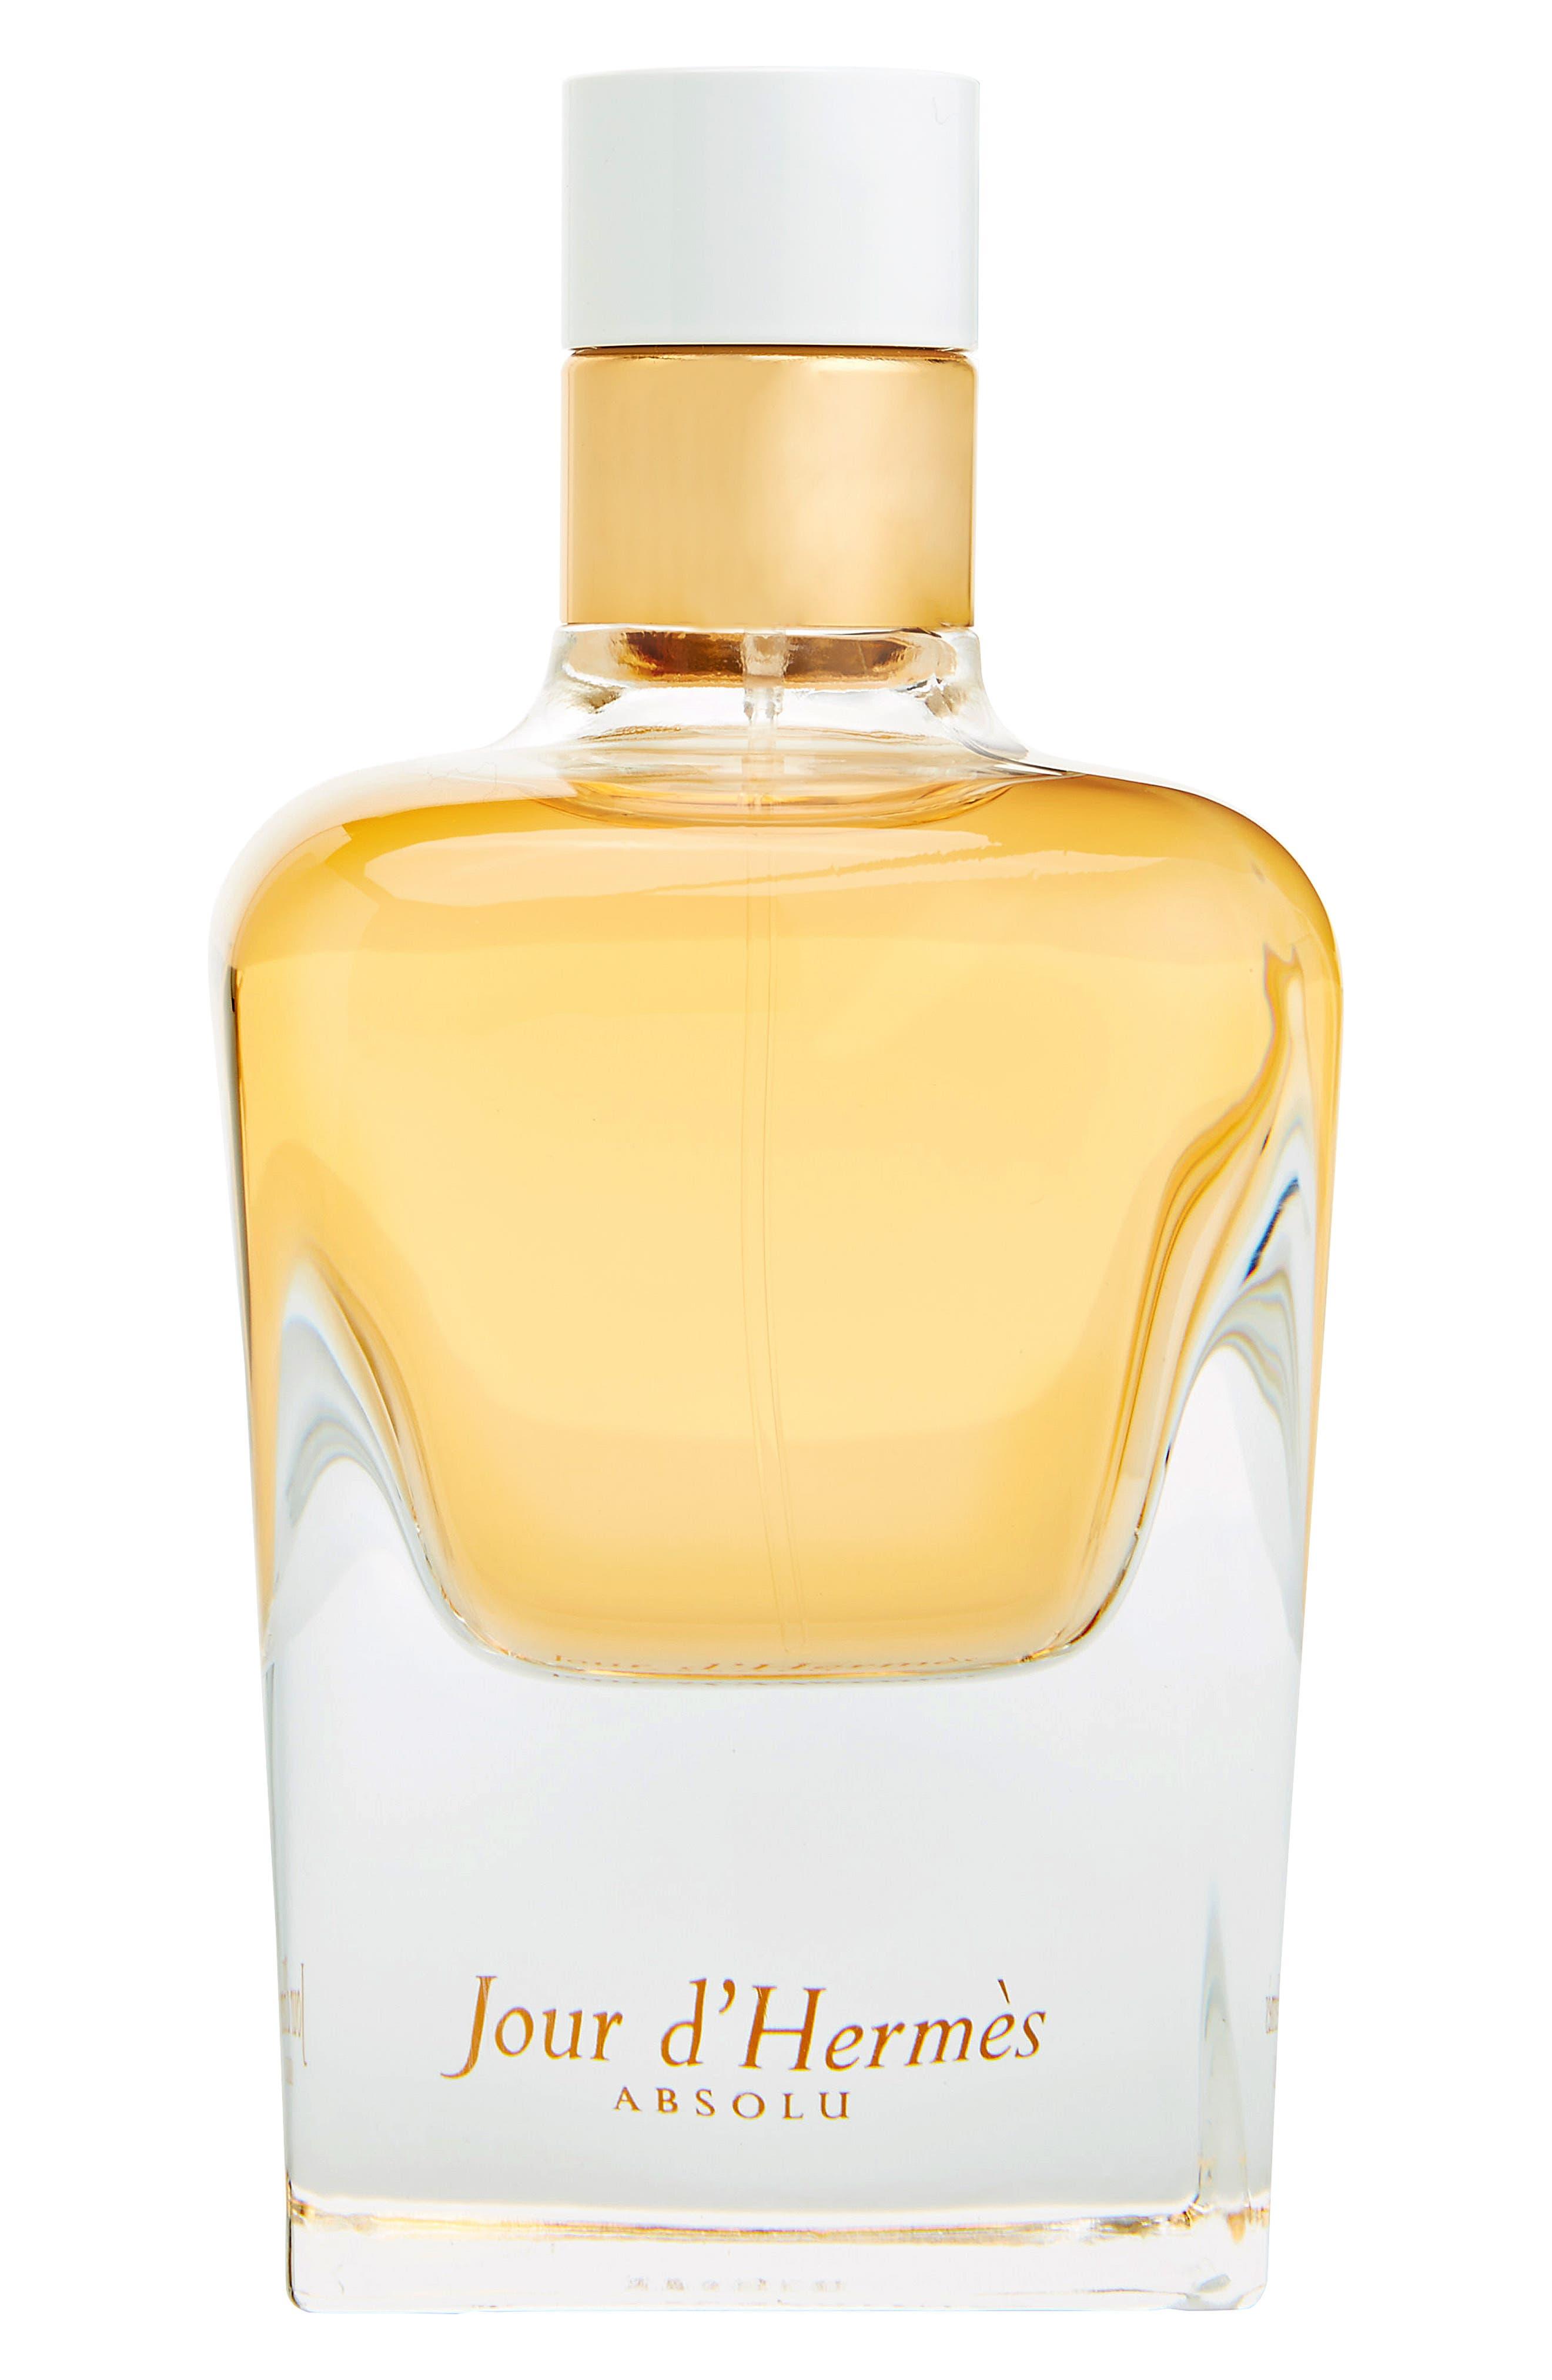 Jour d'Hermès Absolu - Eau de parfum,                             Alternate thumbnail 5, color,                             NO COLOR